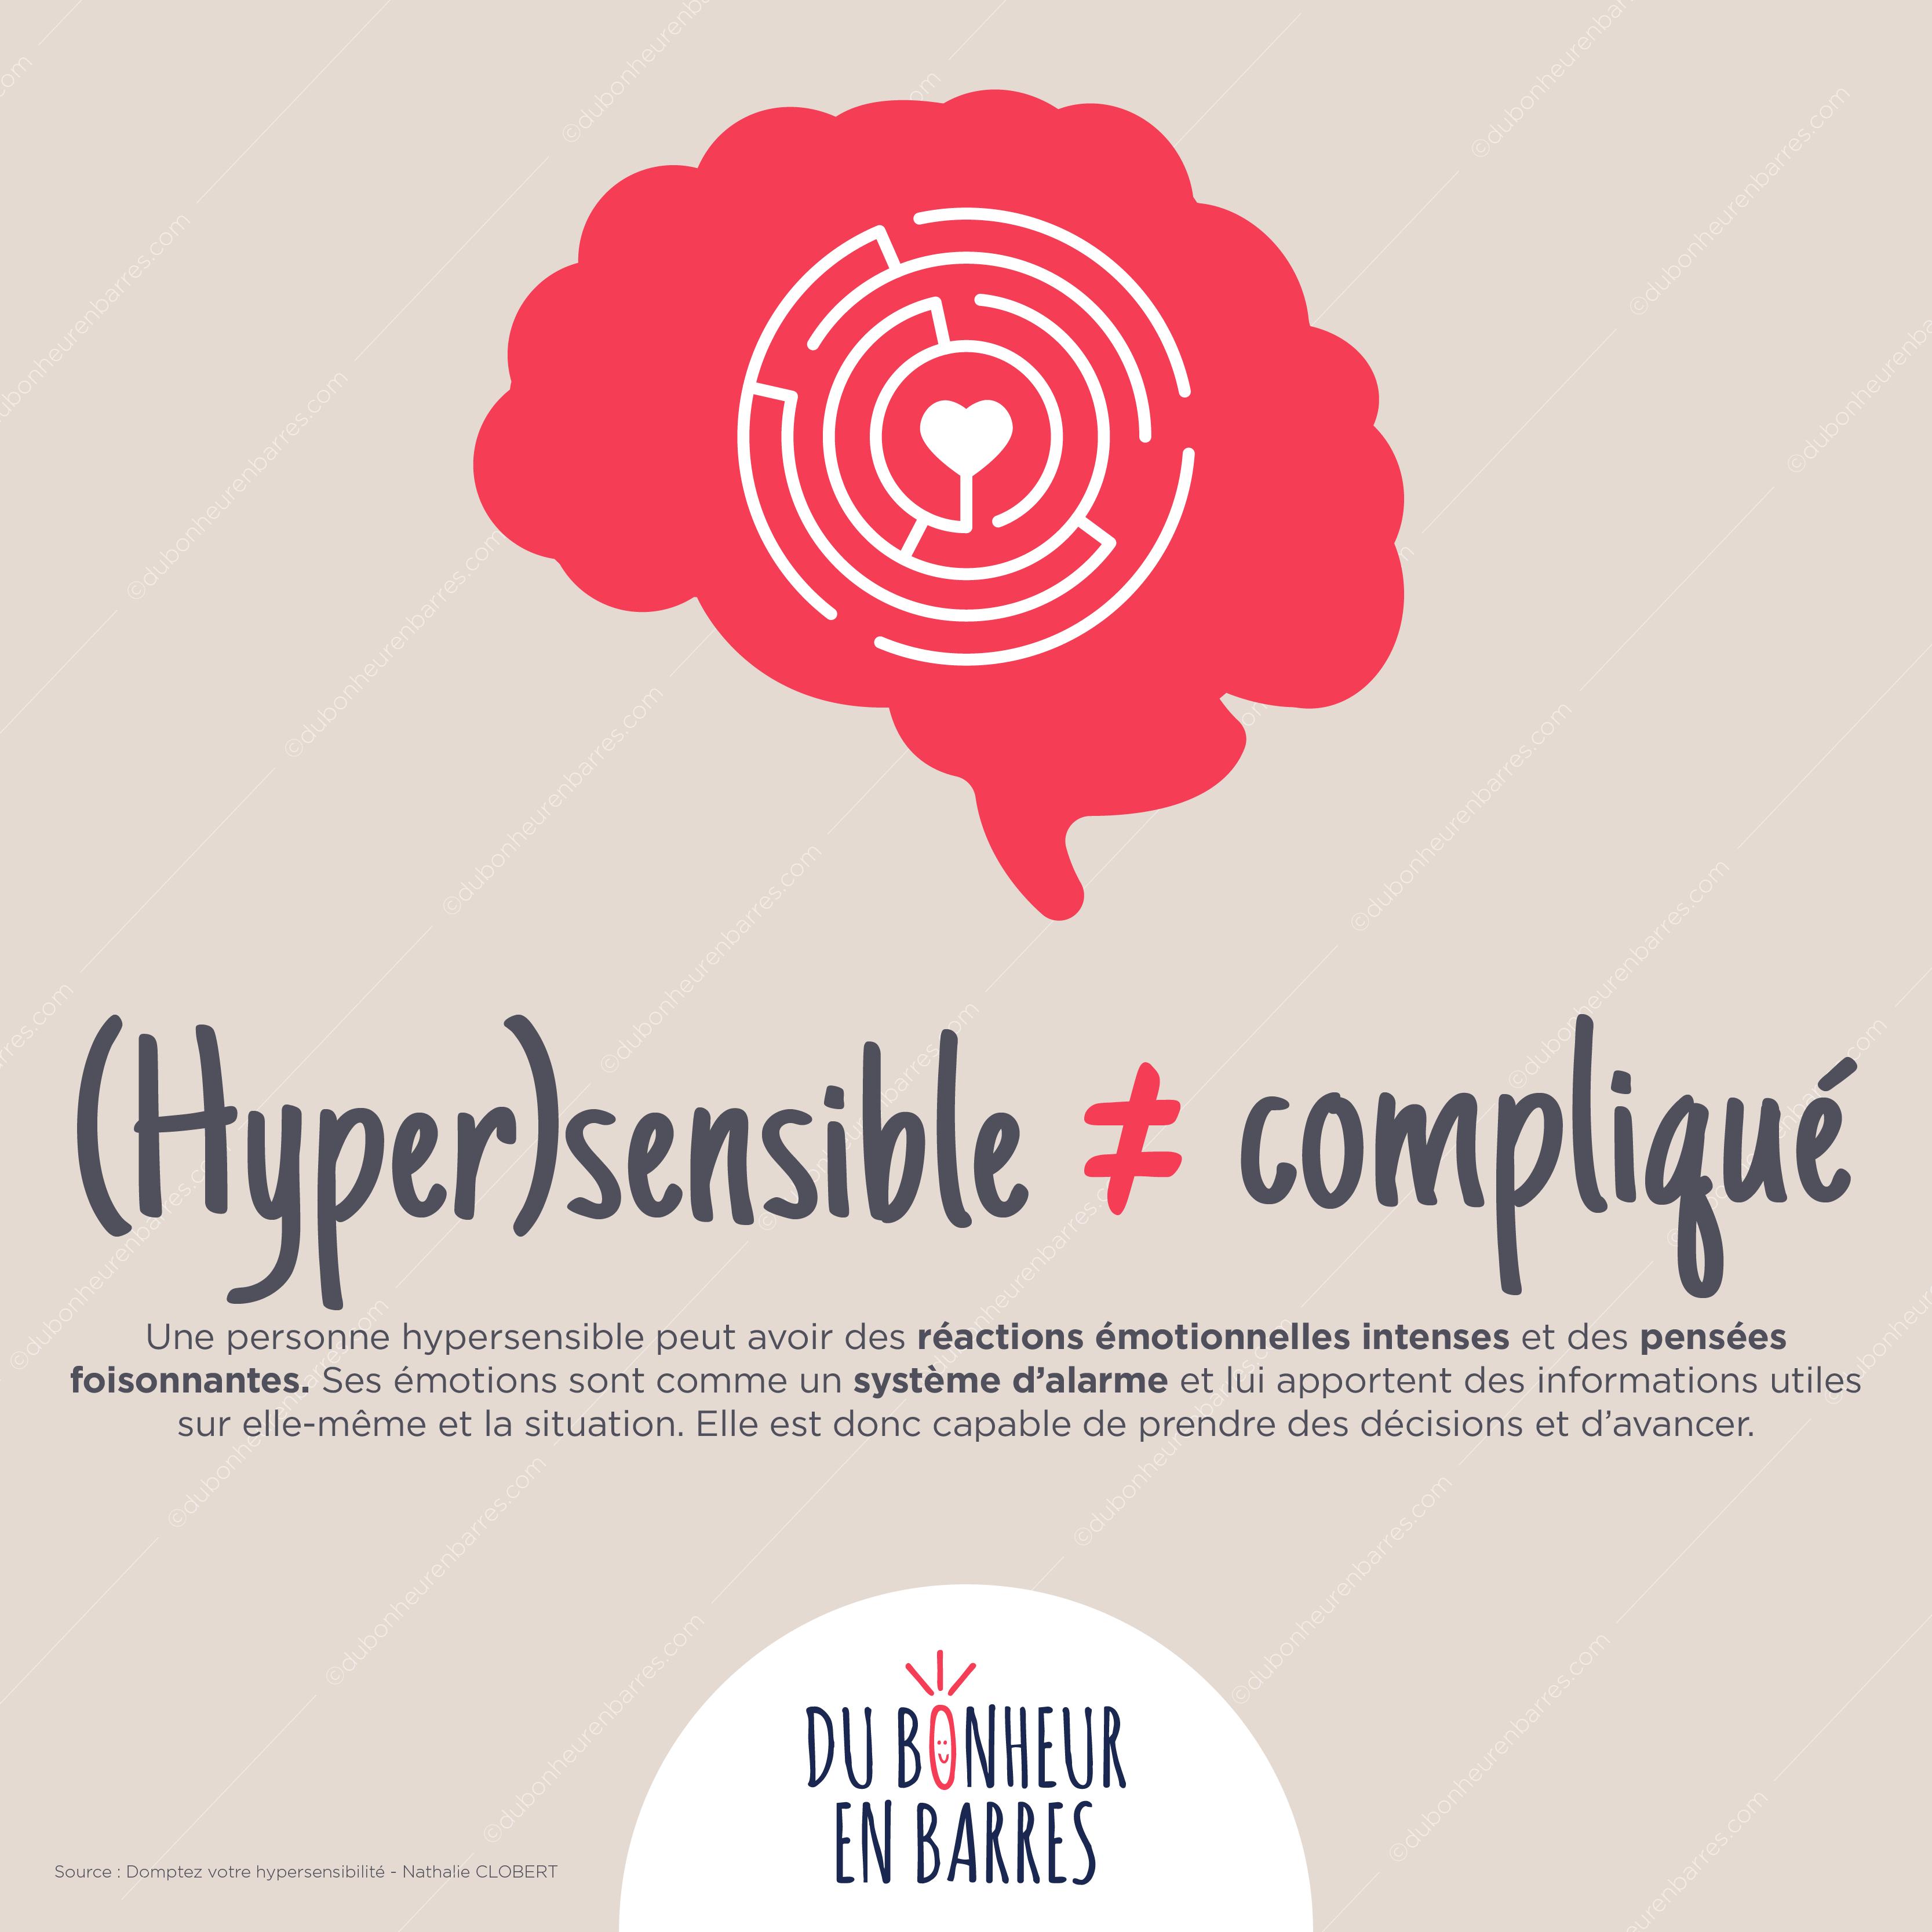 Hypersensible ne veut pas dire compliqué